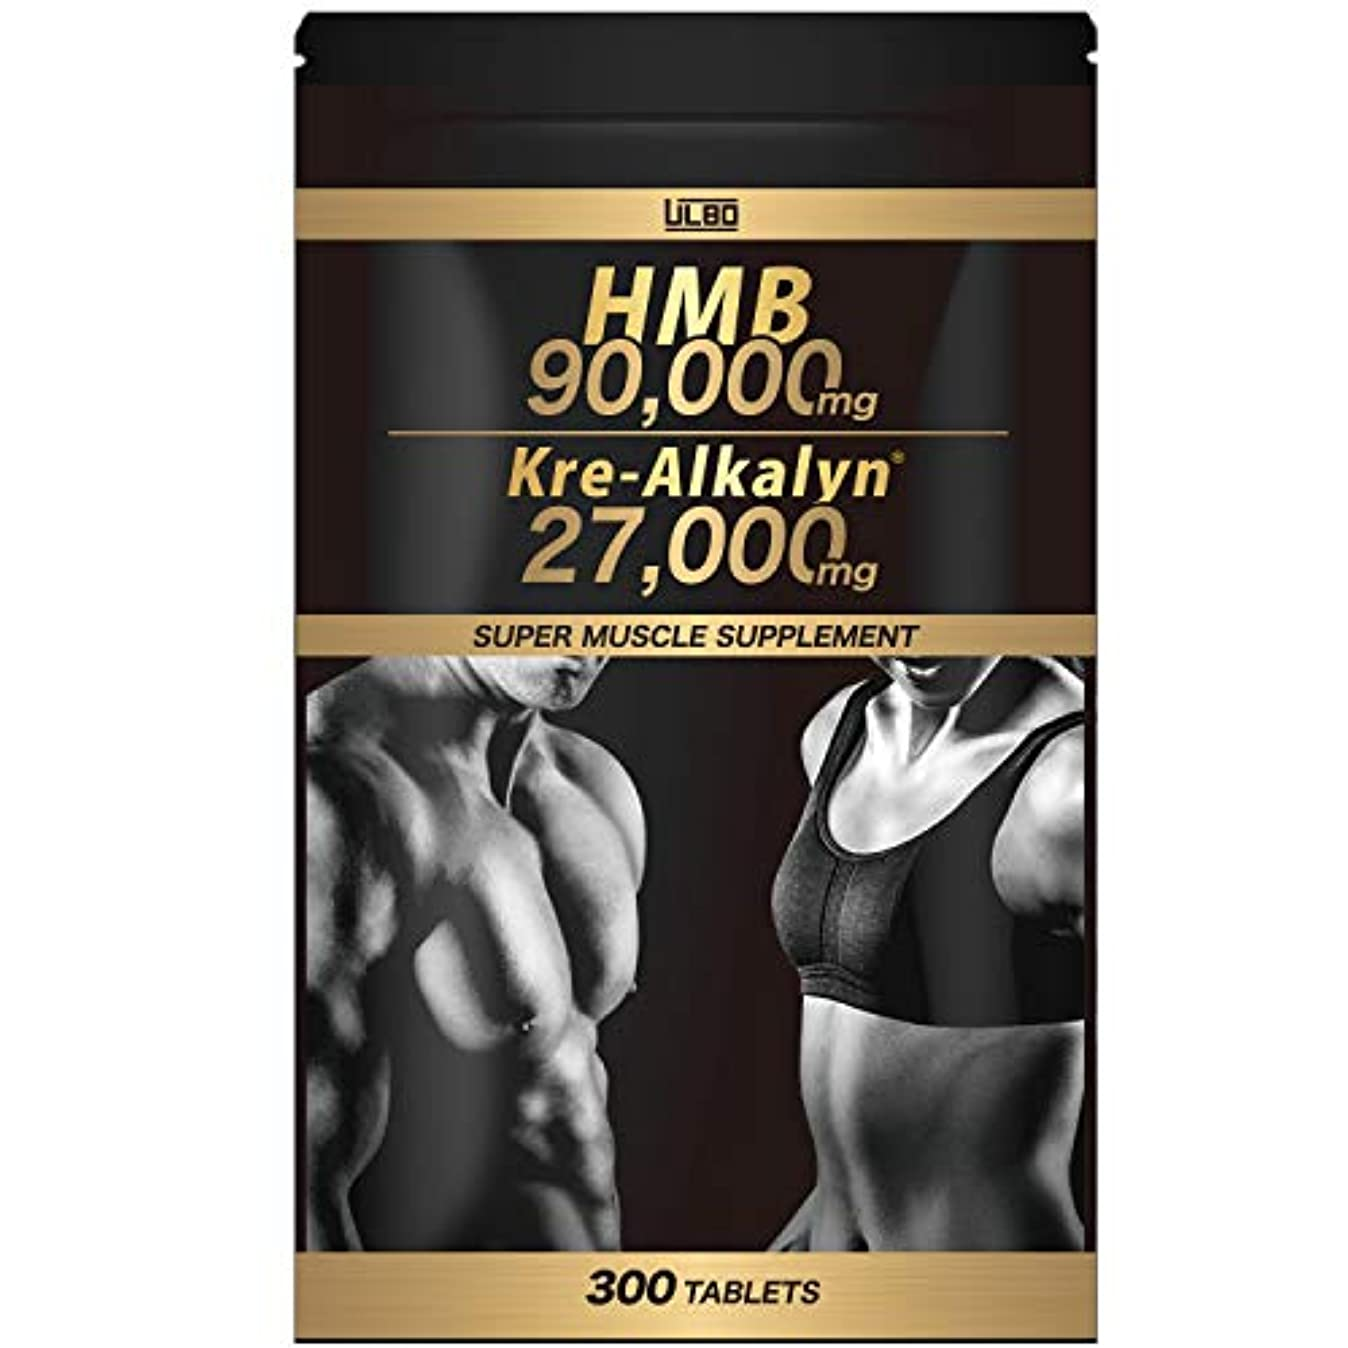 気づかない吸う音ULBO HMB 吸収効率3.3倍 高純度クレアチン サプリメント 1袋HMB90,000mg配合